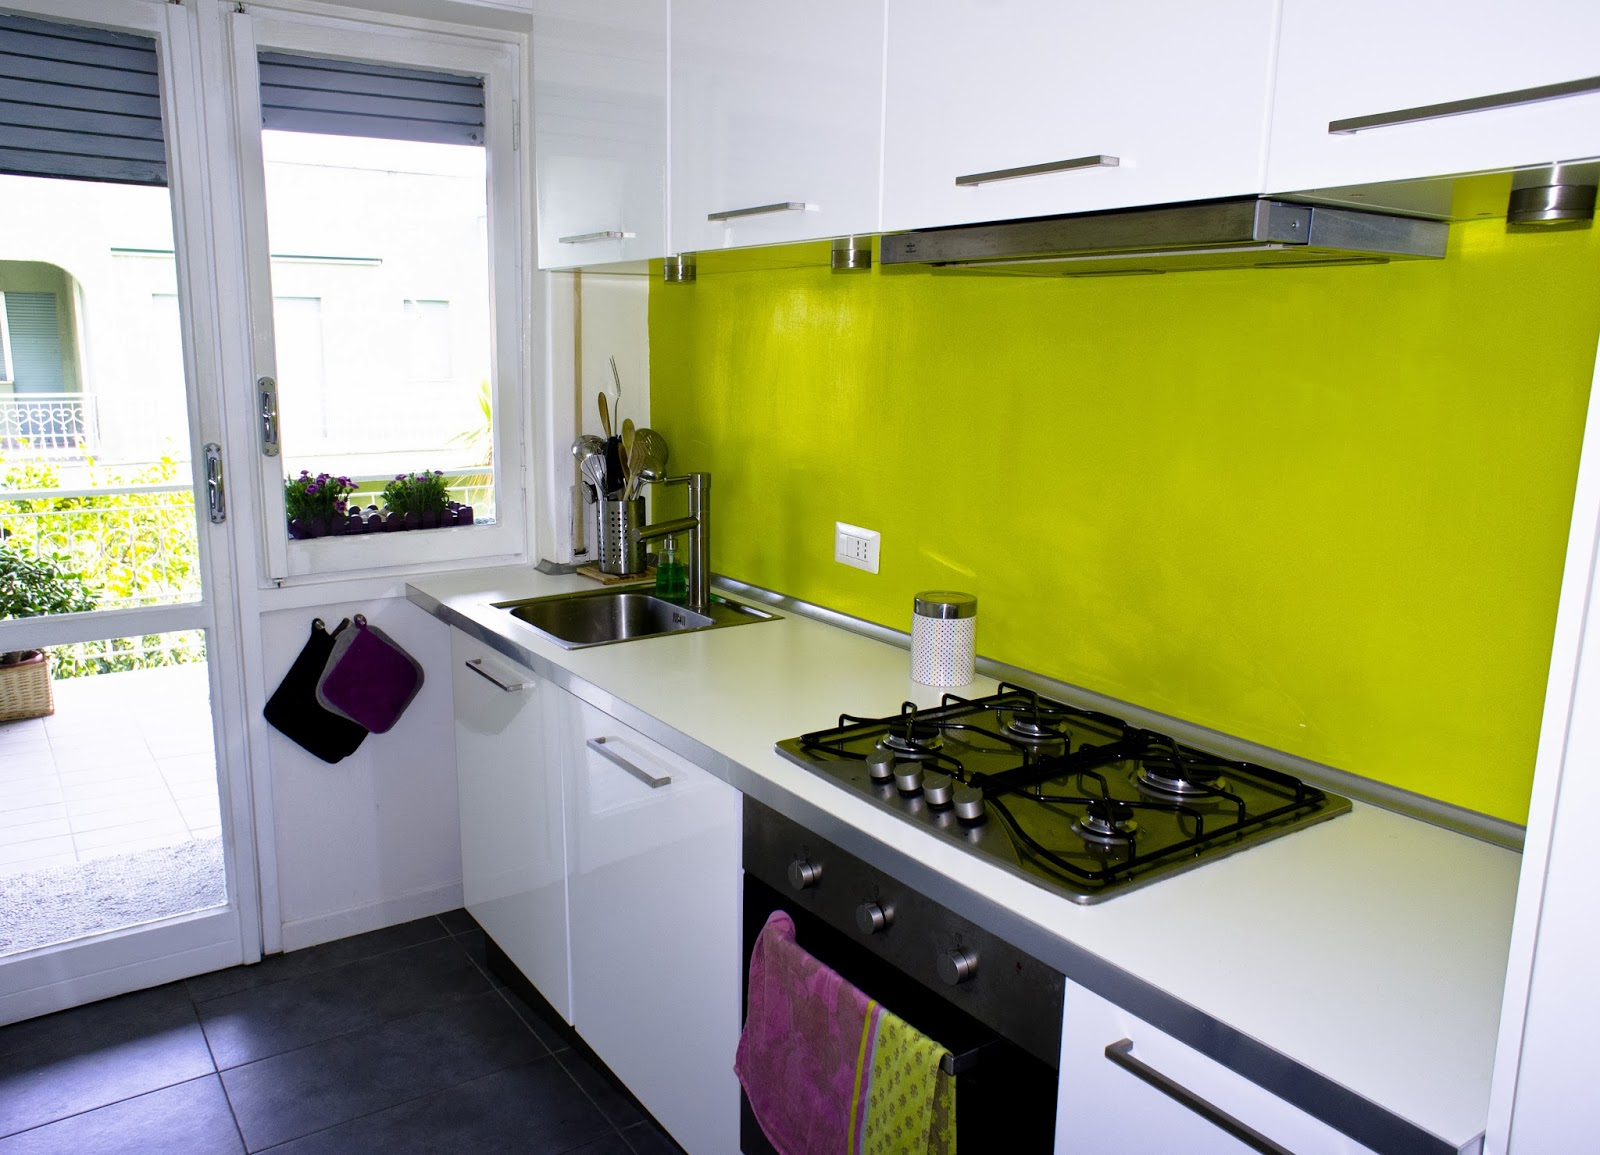 Smalto per piastrelle cucina casabook immobiliare mq